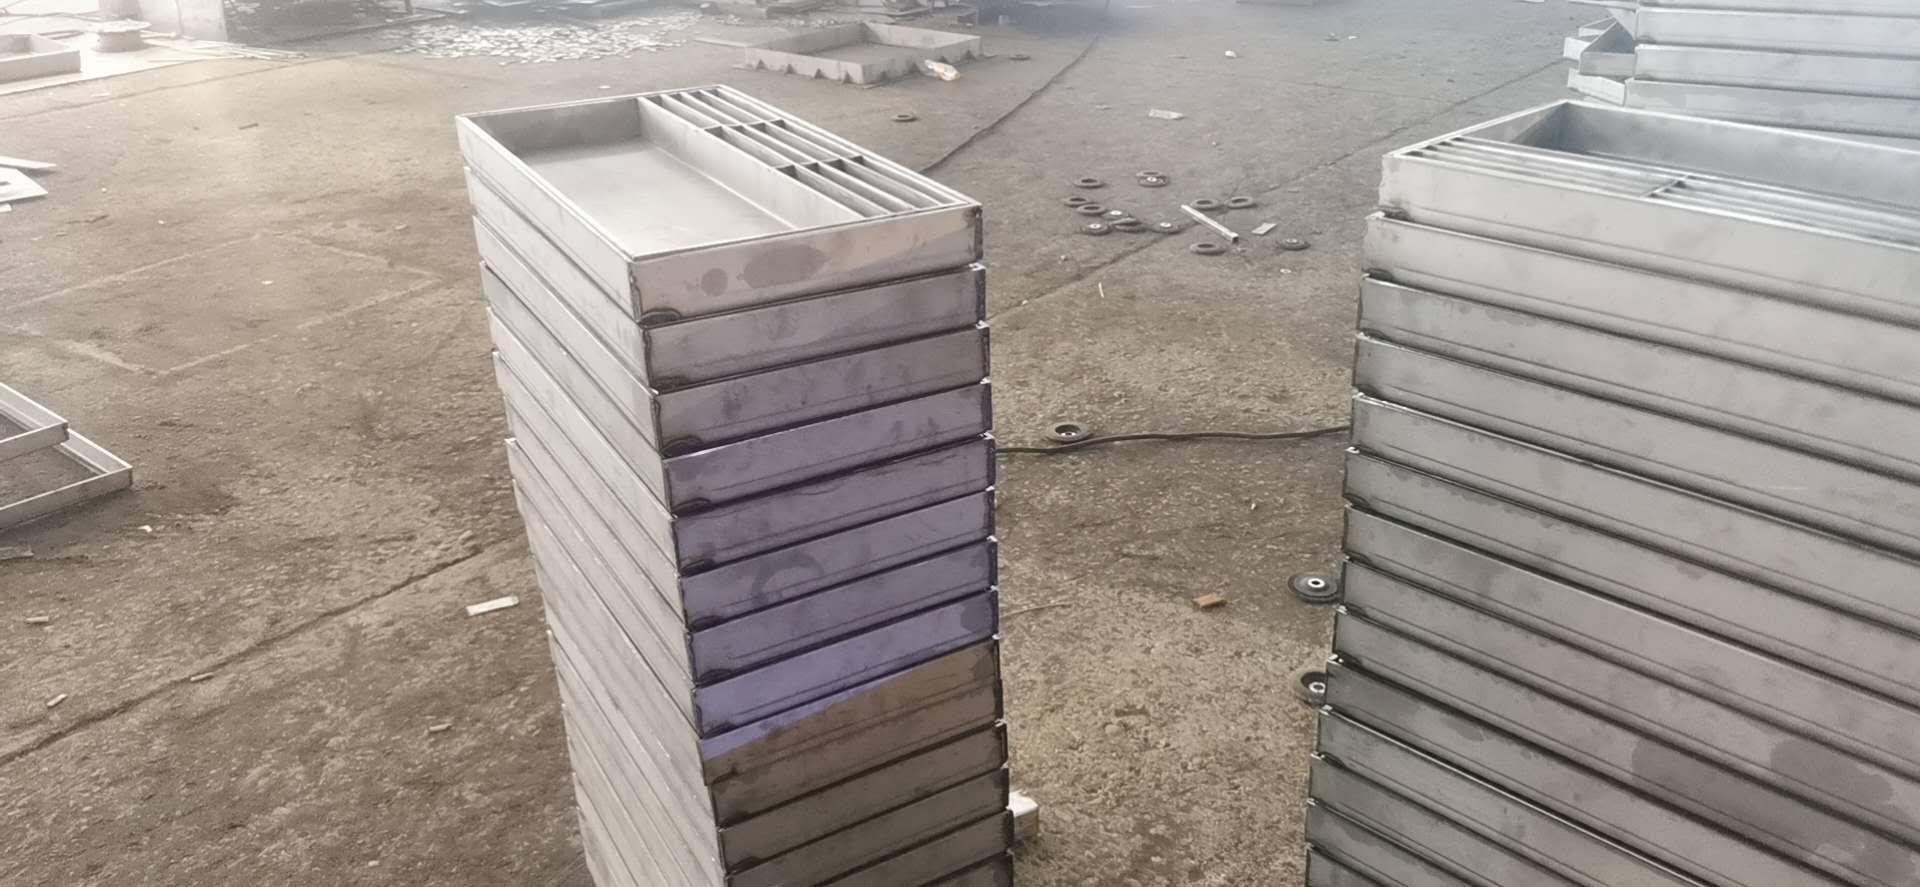 商丘不銹鋼蓋板食堂-商丘不銹鋼廚房蓋板廠家提供